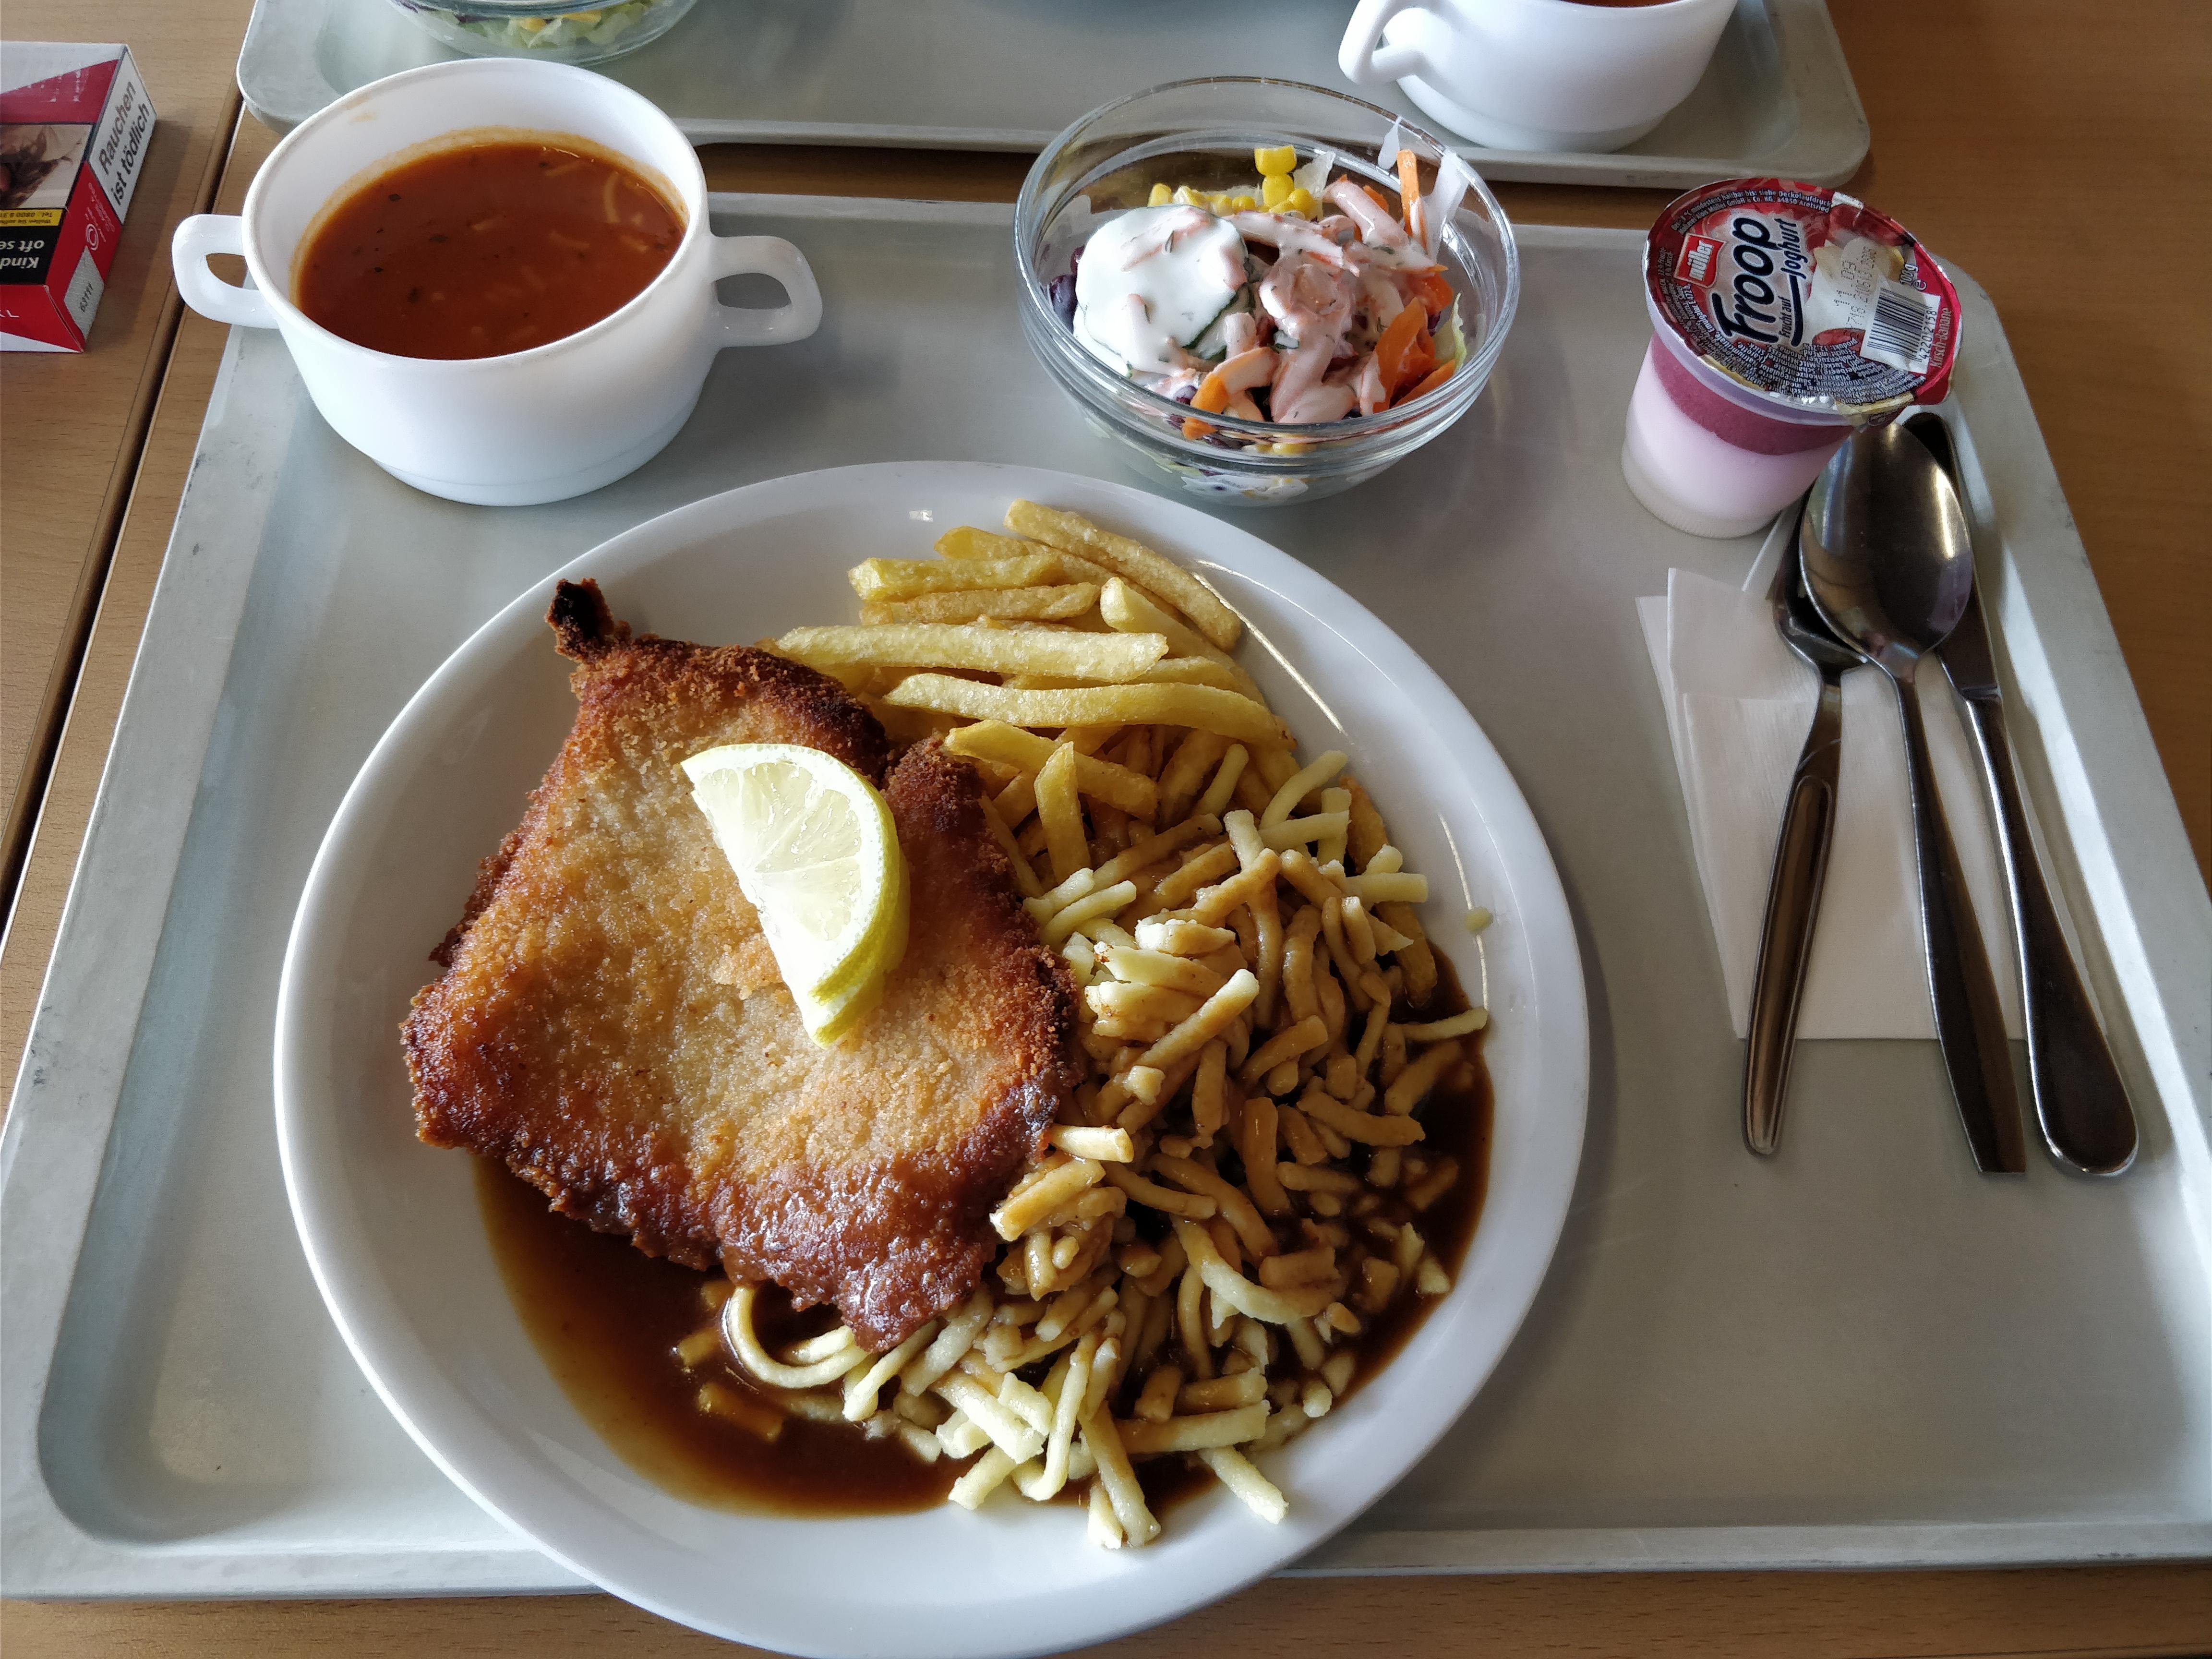 http://foodloader.net/nico_2017-09-07_schnitzel-mit-spaetzle-und-pommes-suppe-salat-und-joghurt.jpg